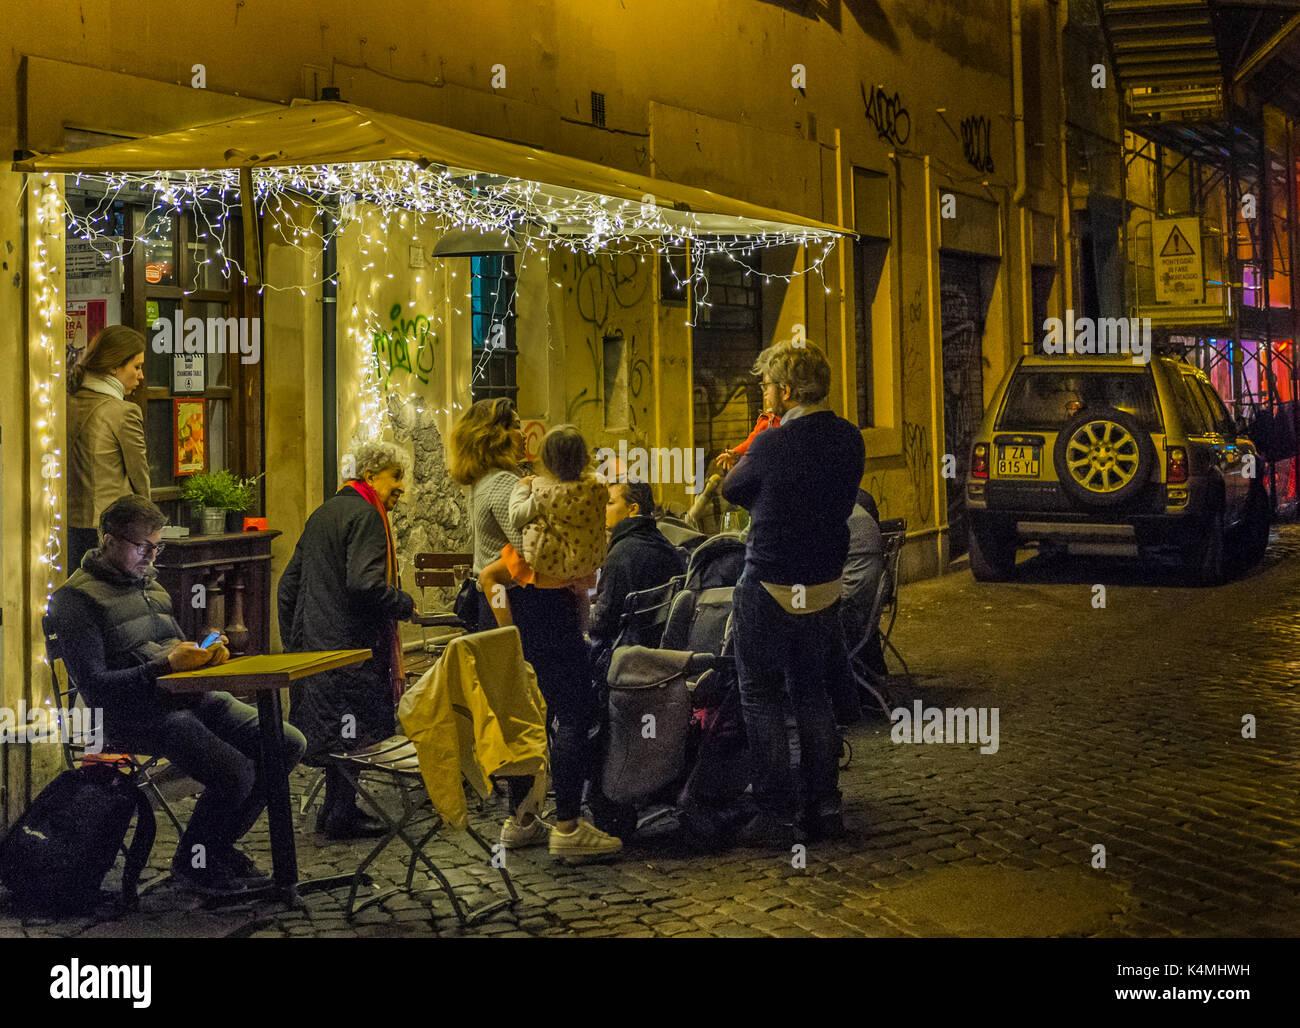 street scene in trastevere at night - Stock Image